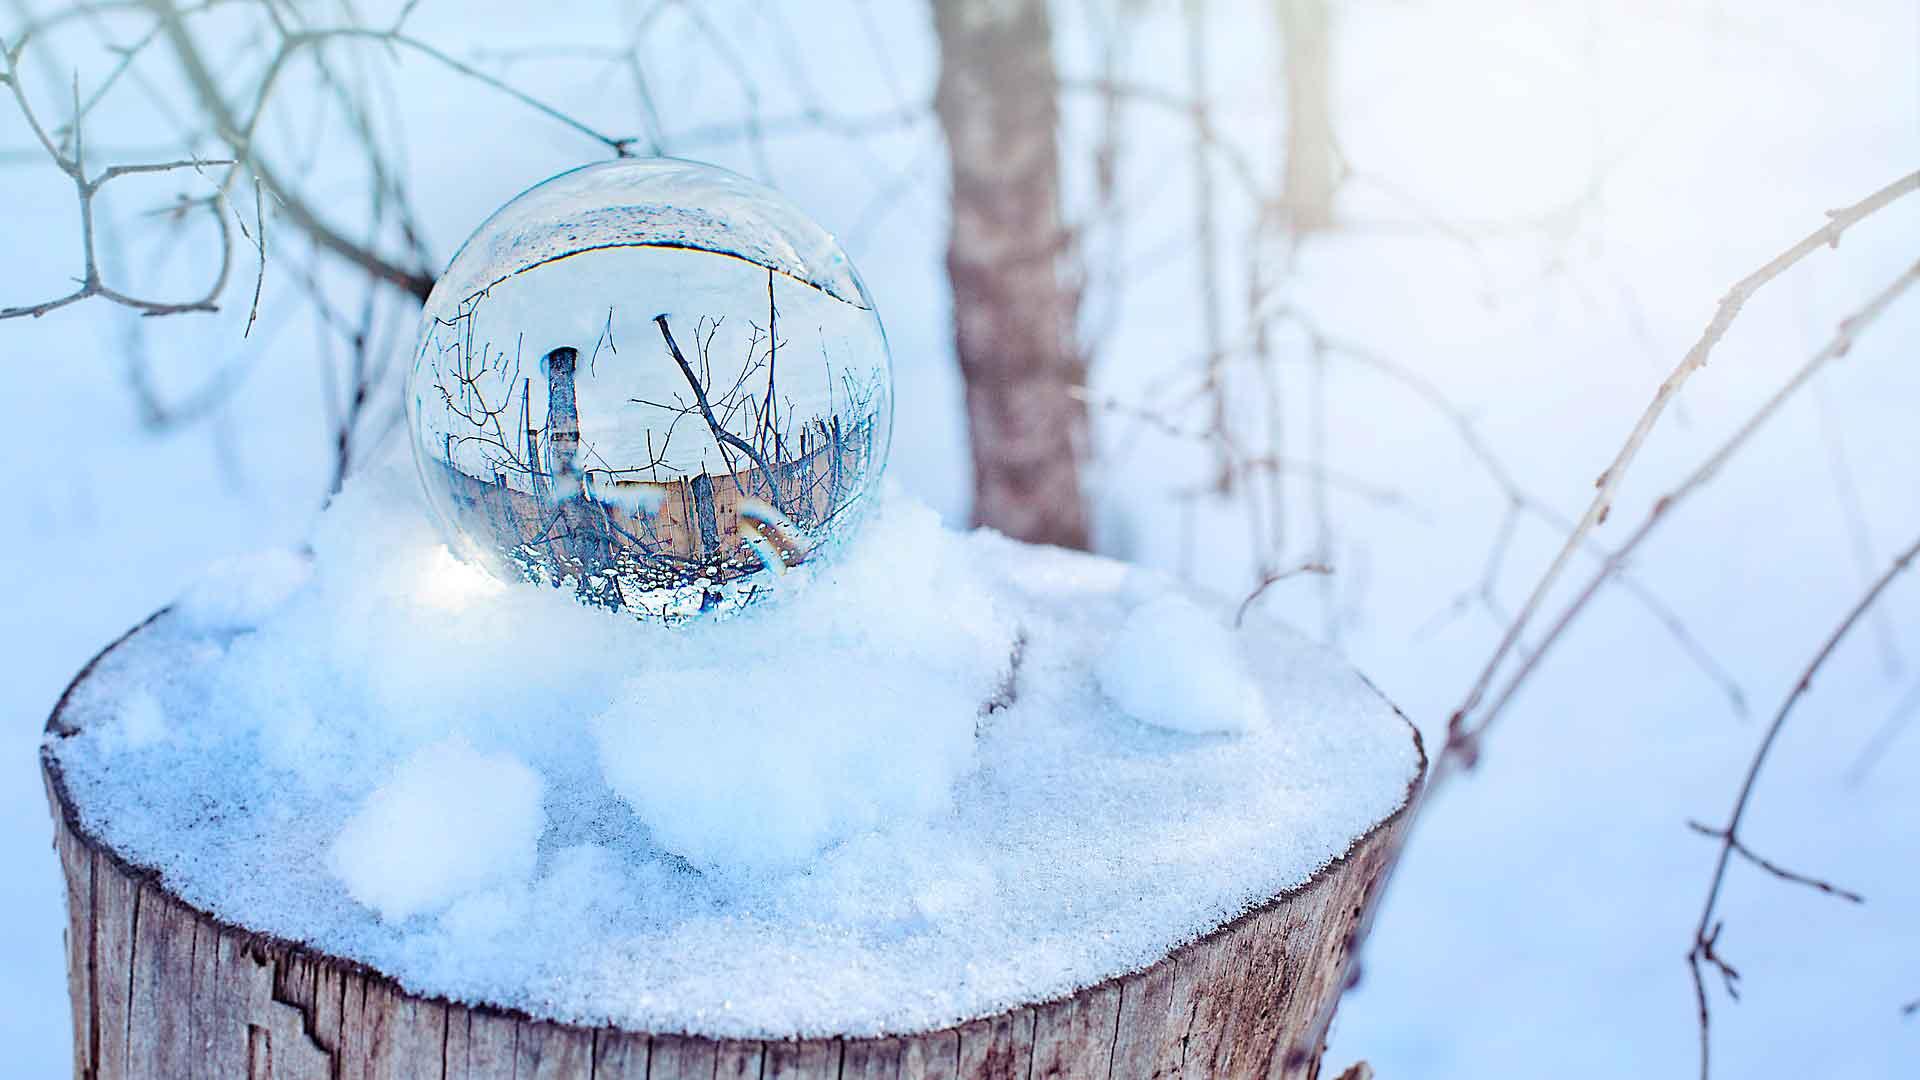 Krystalkugle og spådomskunst